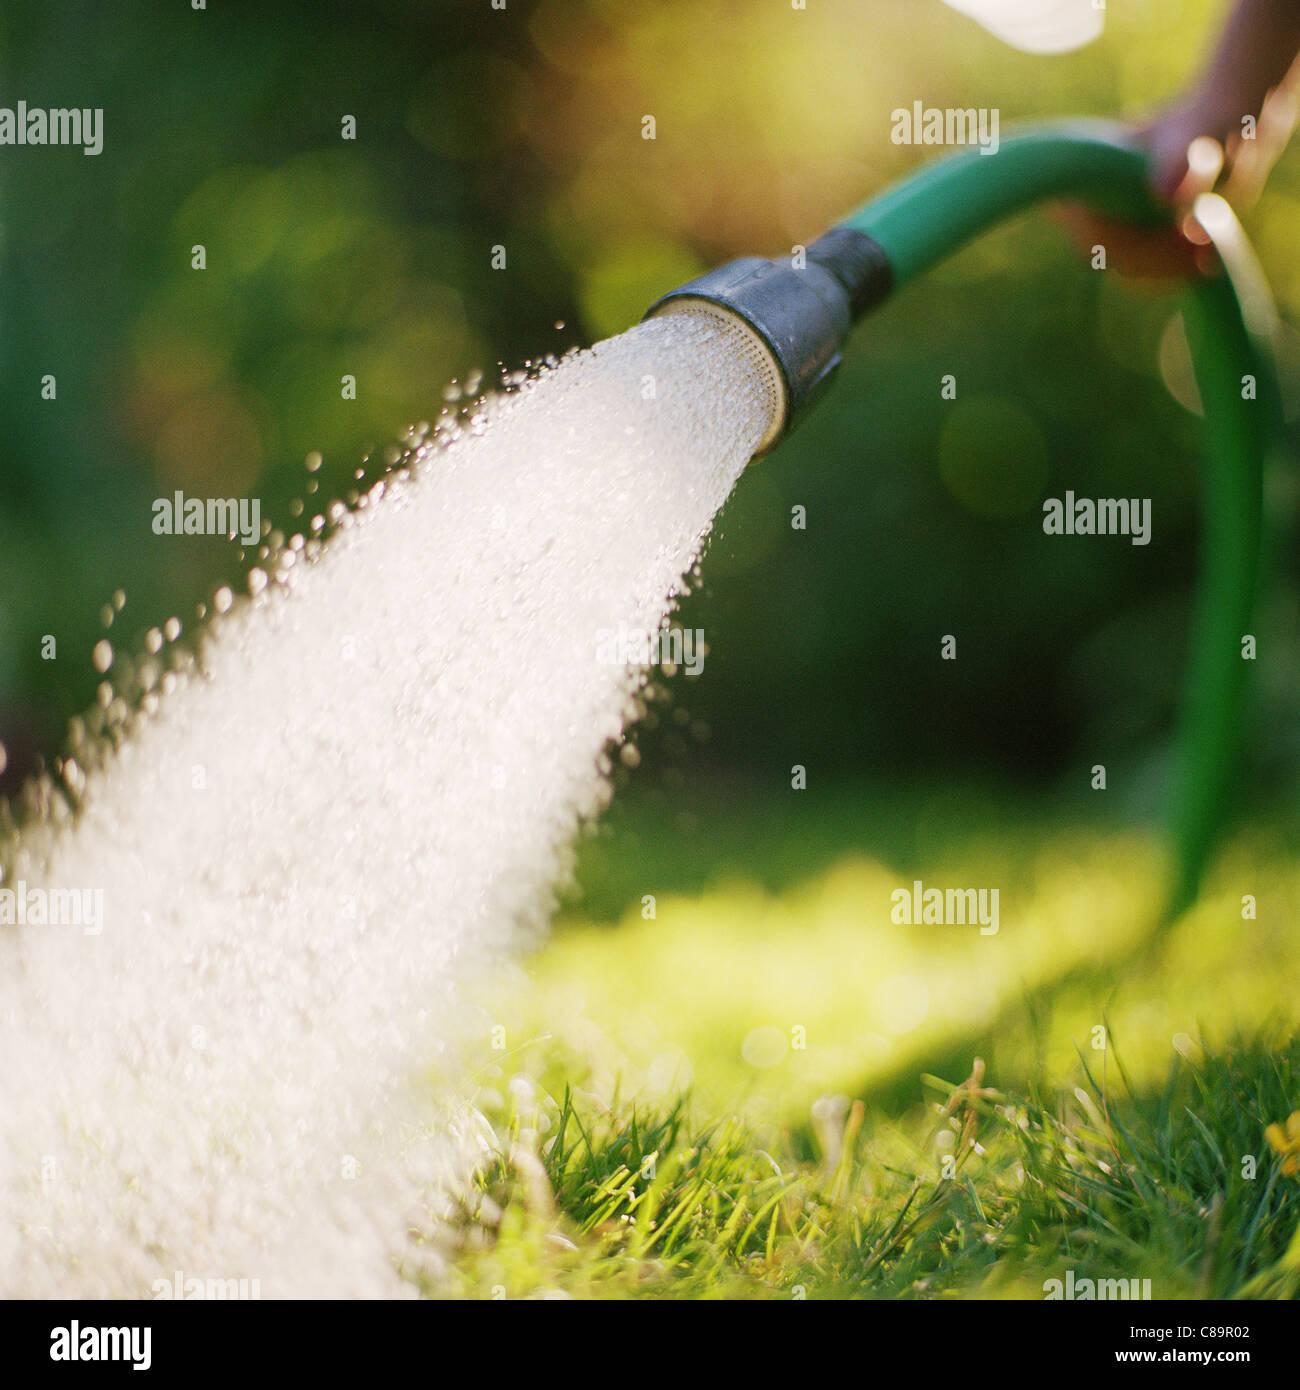 Giardino della tubazione flessibile di spruzzatura di acqua in giardino Immagini Stock